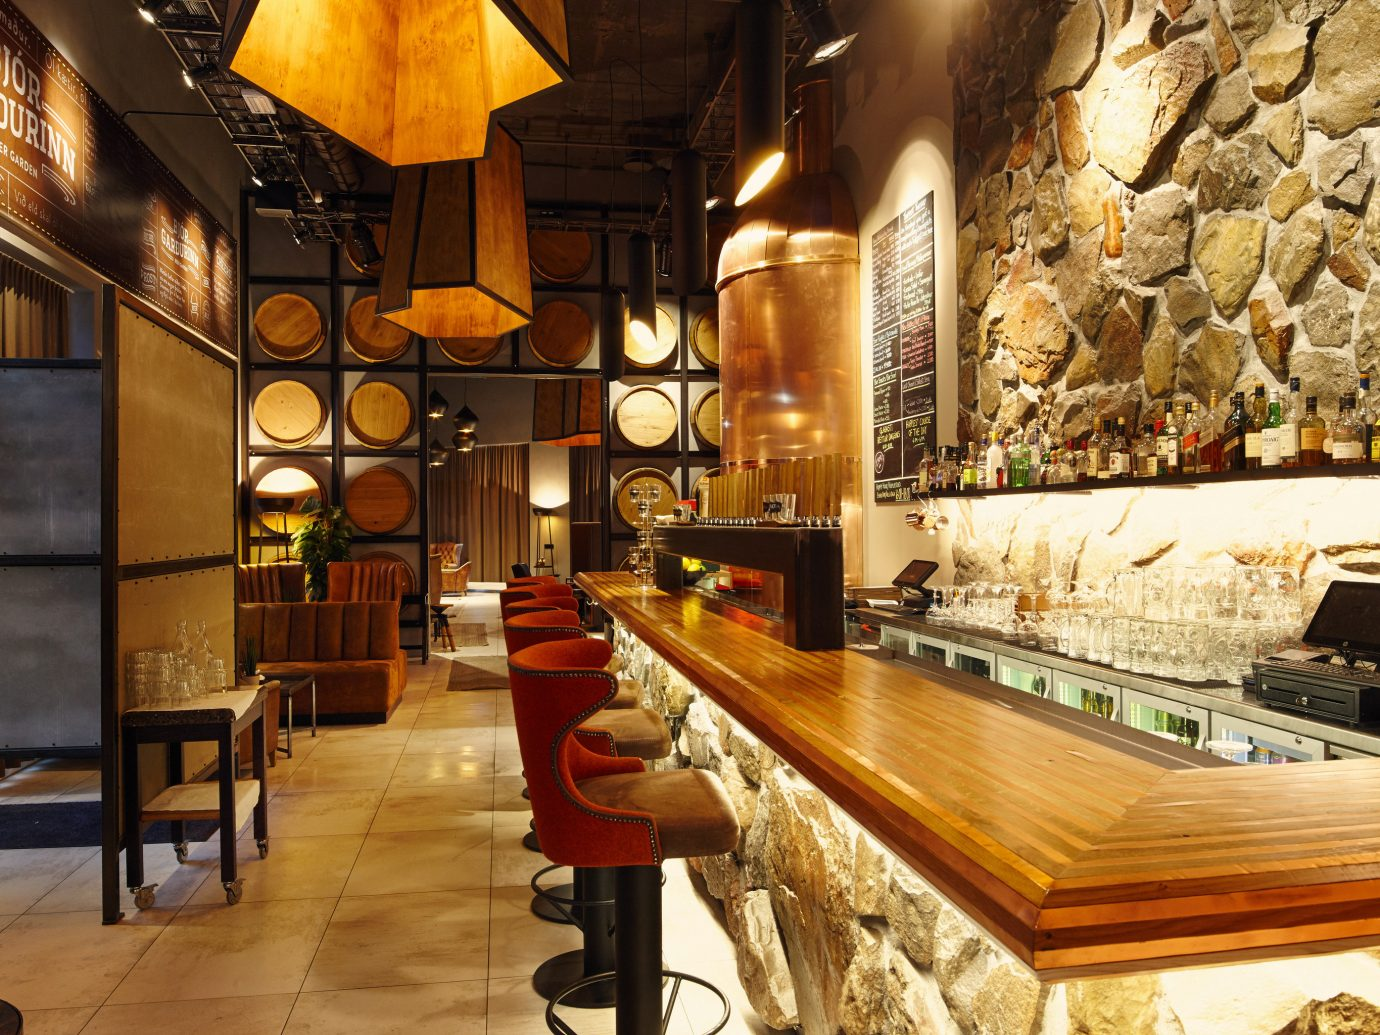 Boutique Hotels Hotels Iceland Reykjavík table indoor floor interior design restaurant café area furniture cluttered